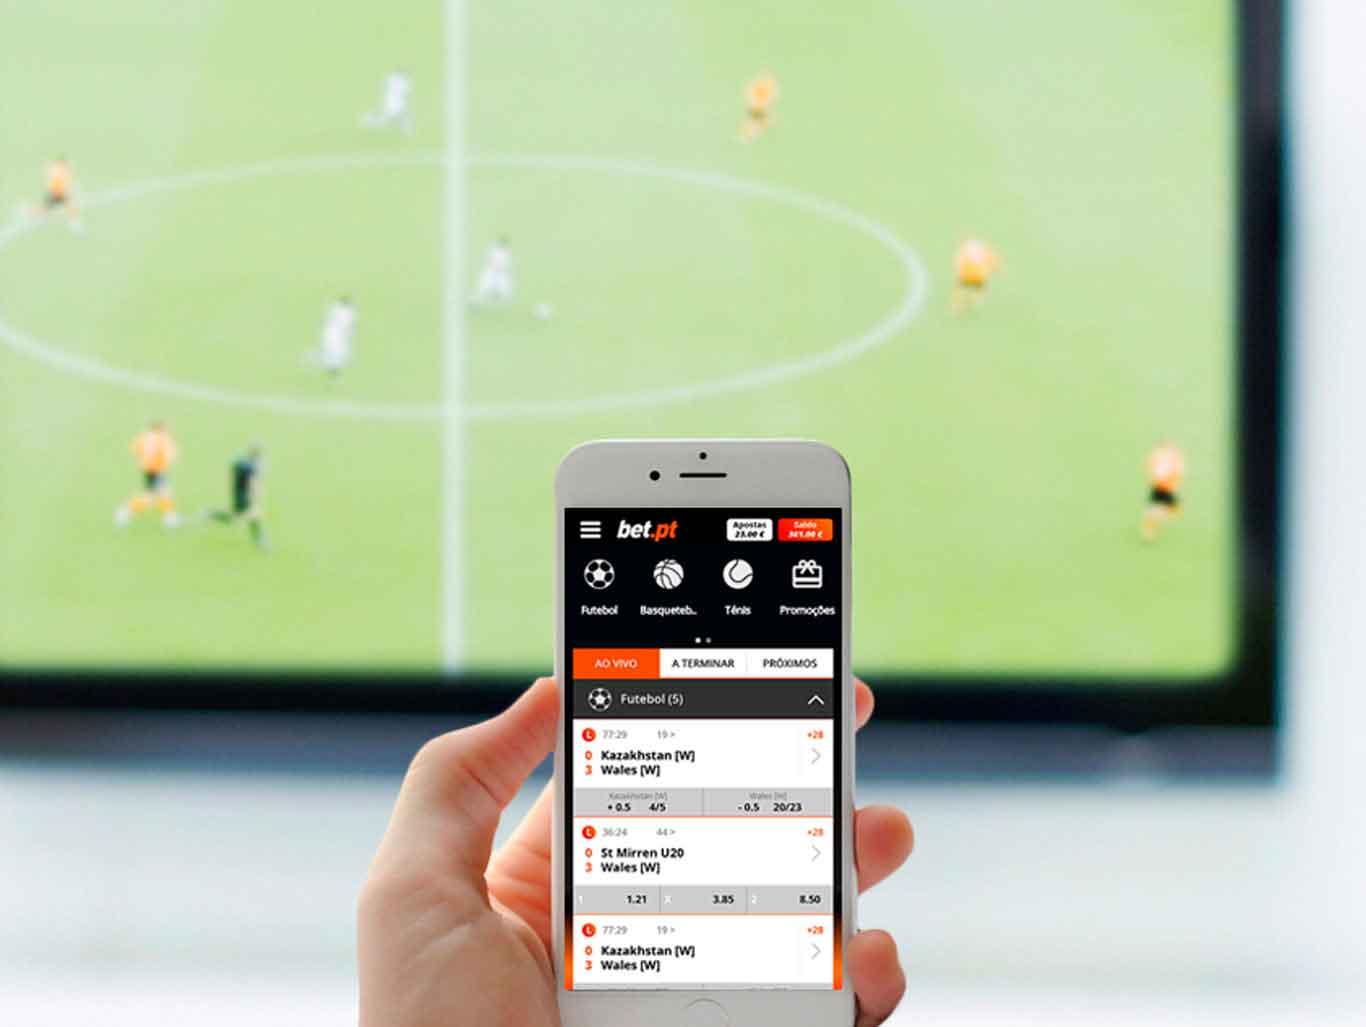 bet pt mobile app